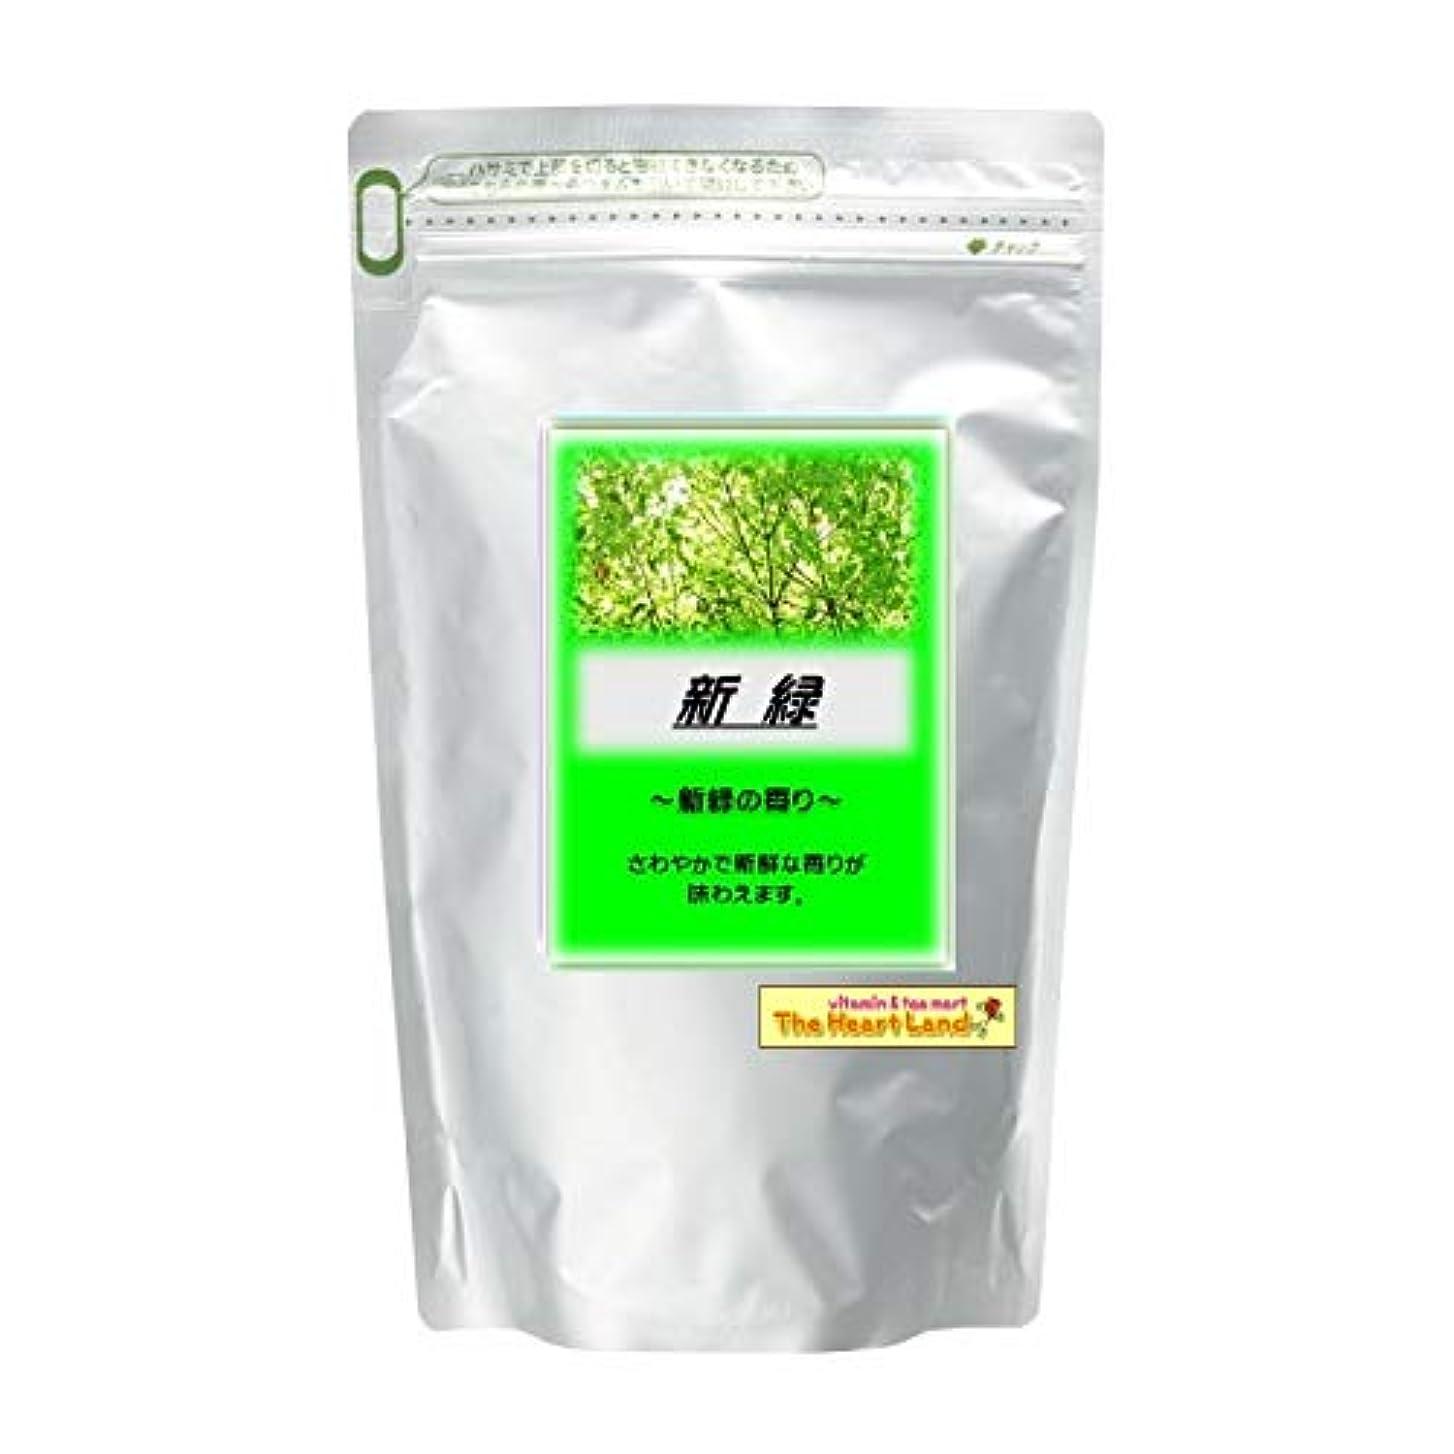 最小化する先例風景アサヒ入浴剤 浴用入浴化粧品 新緑 300g